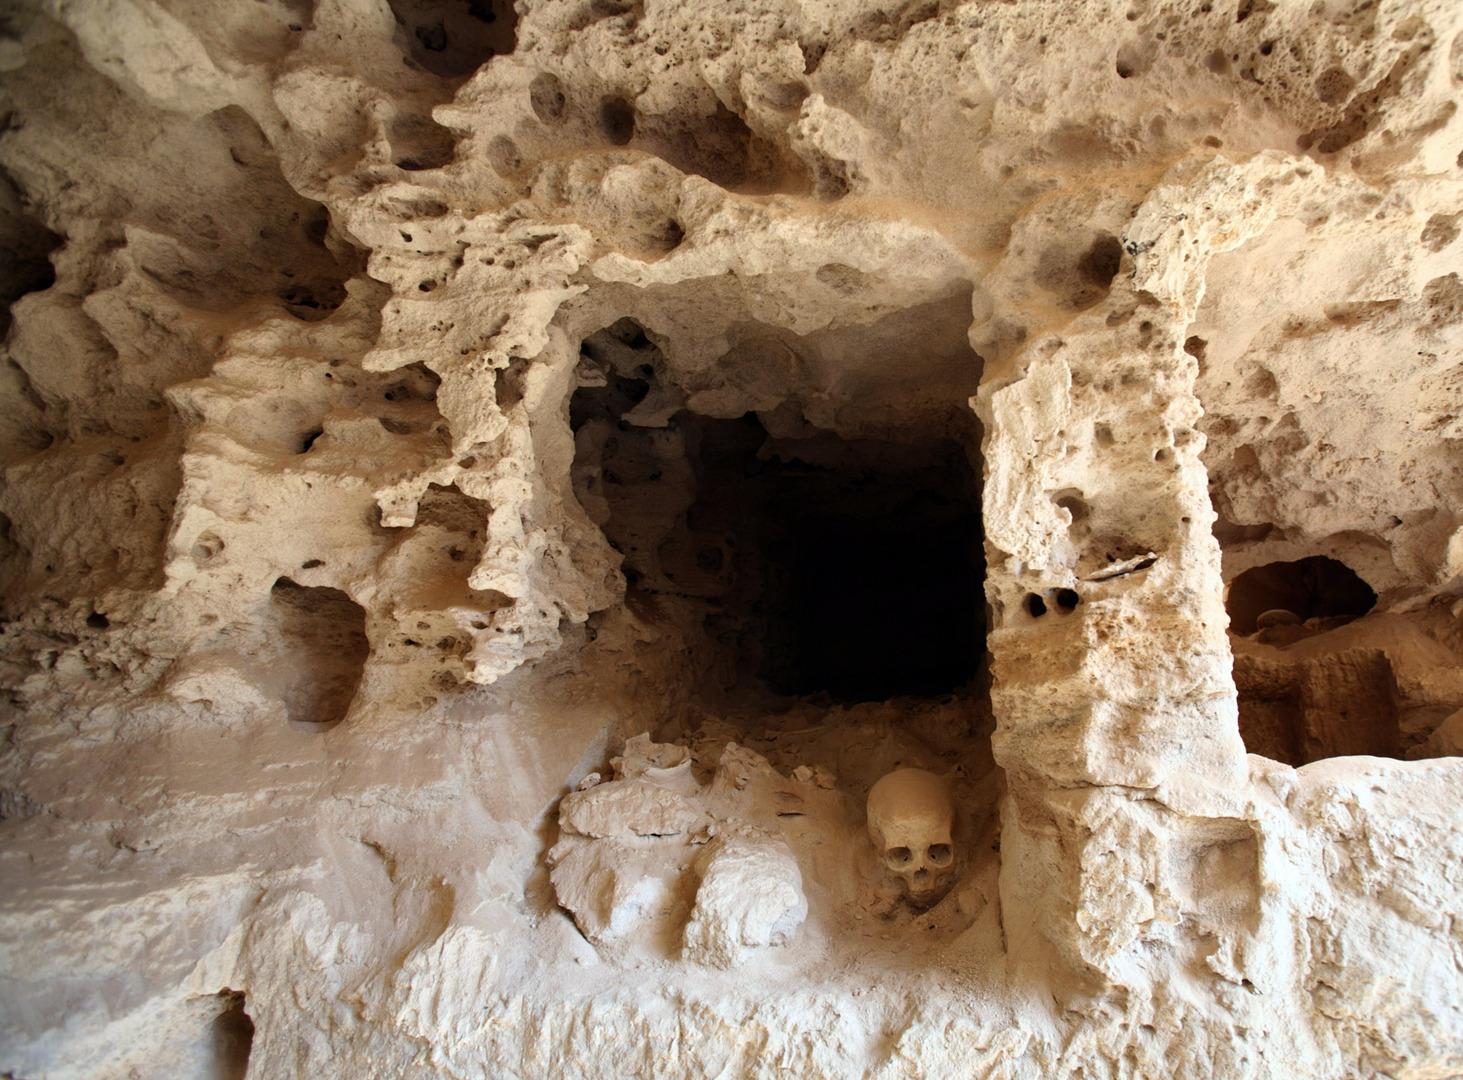 البحث عن مقبرة كليوباترا المفقودة يكشف عن